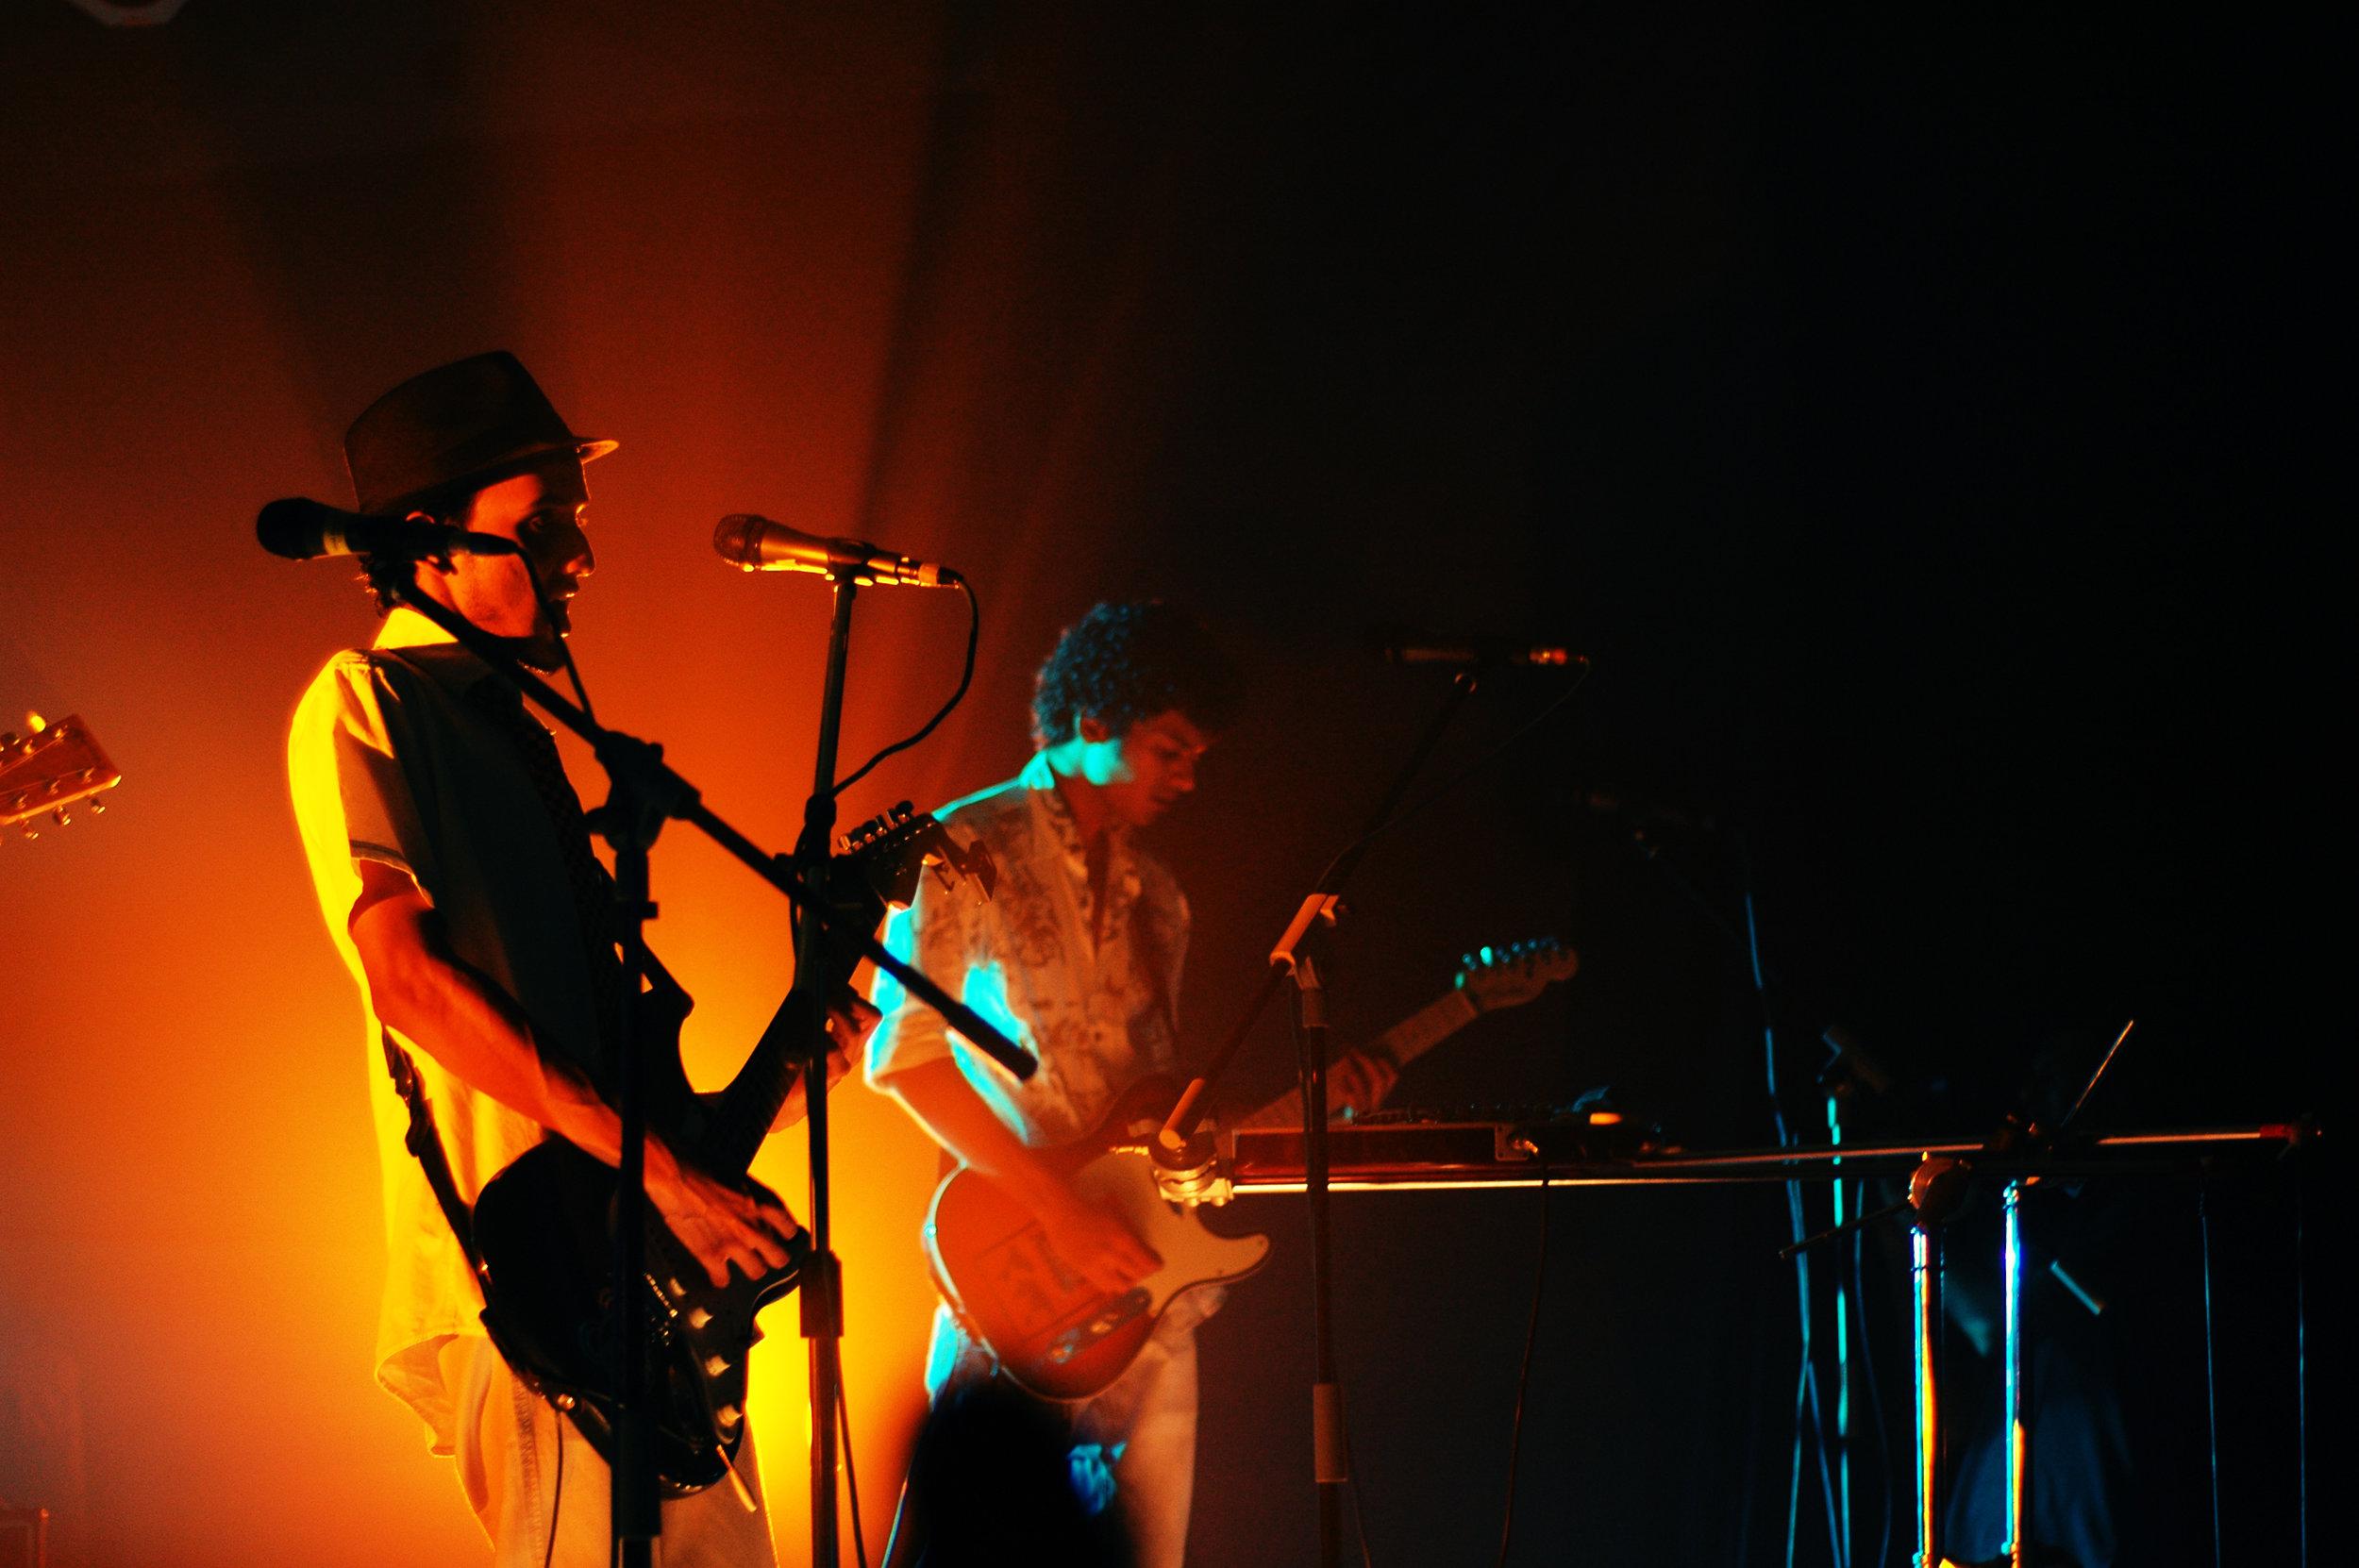 2009-08-19 - Male' City - Dharubaaruge' - Eku Ekee Album Launch - D70s-7955.jpg